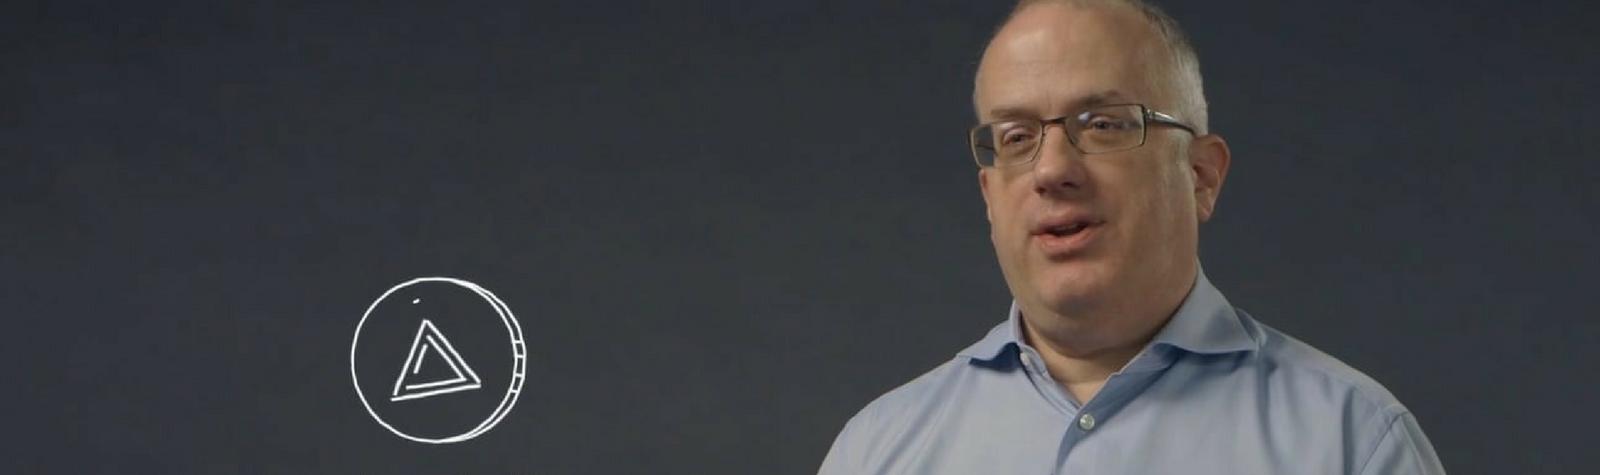 Prohlížeč Brave má přes 10 milionů měsíčních uživatelů